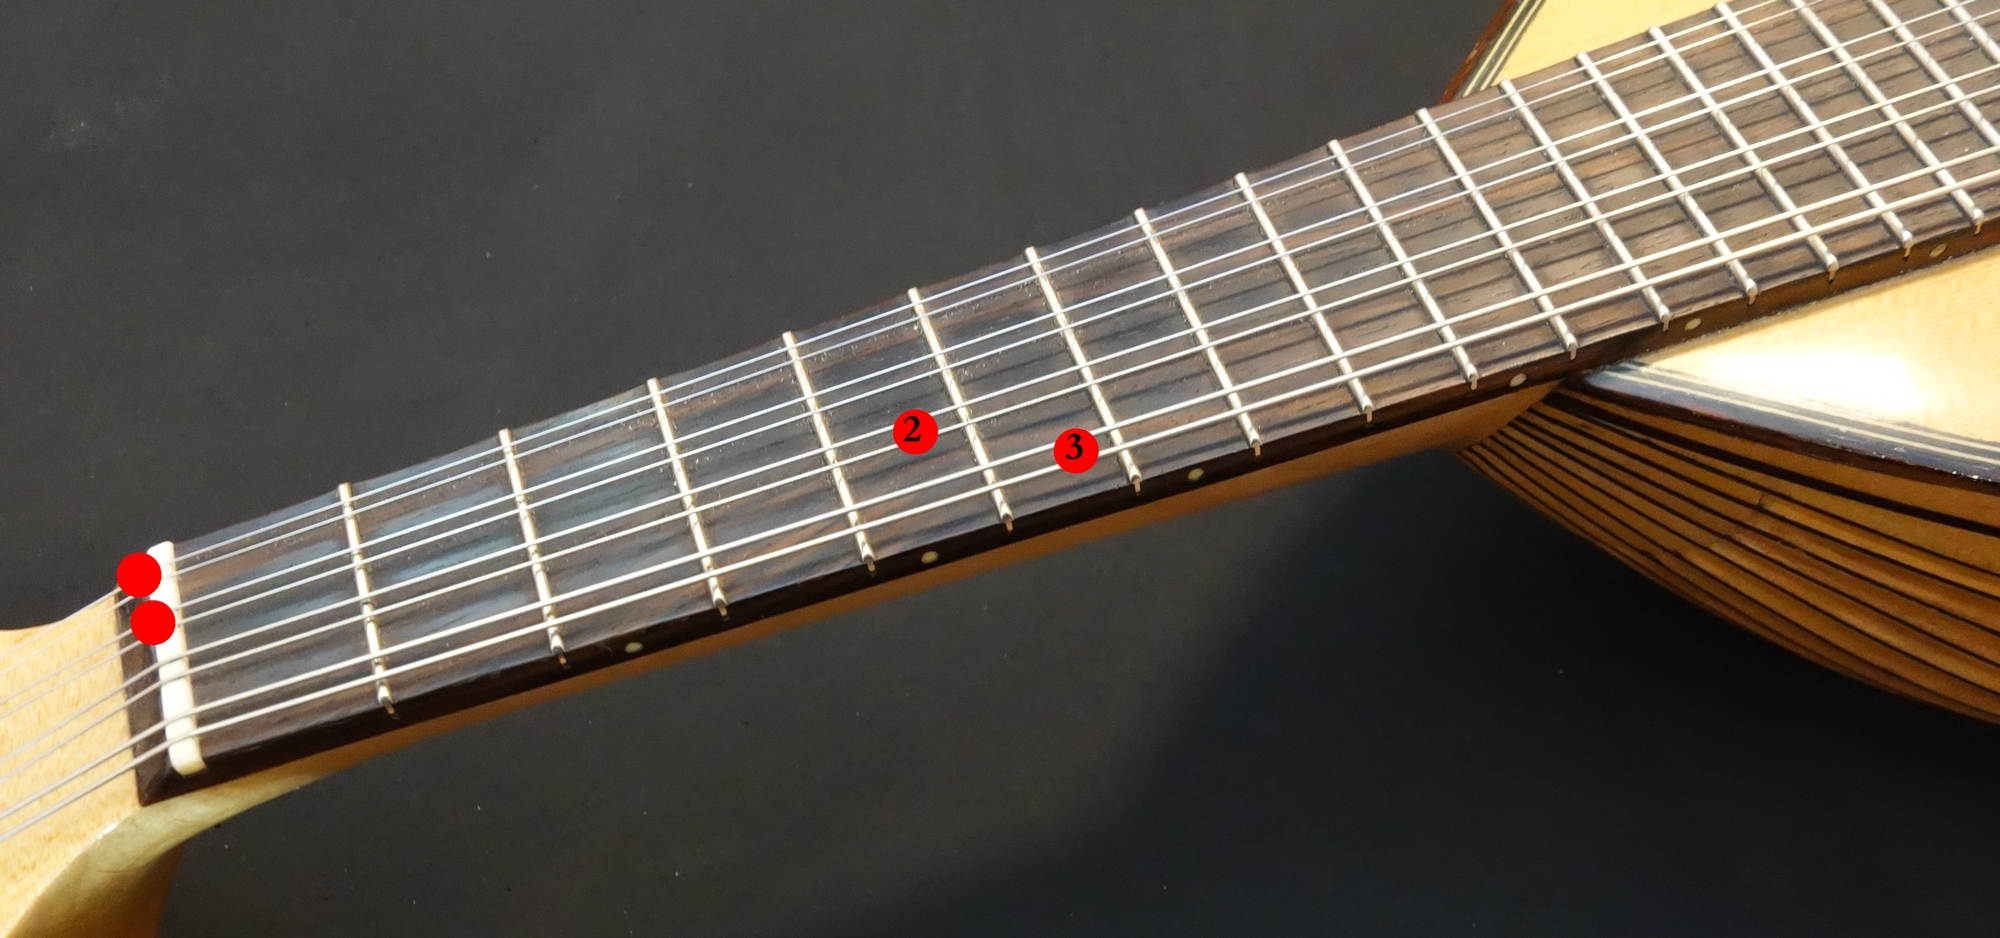 Mandoline lernen - Griffbild A7 vierstimmig